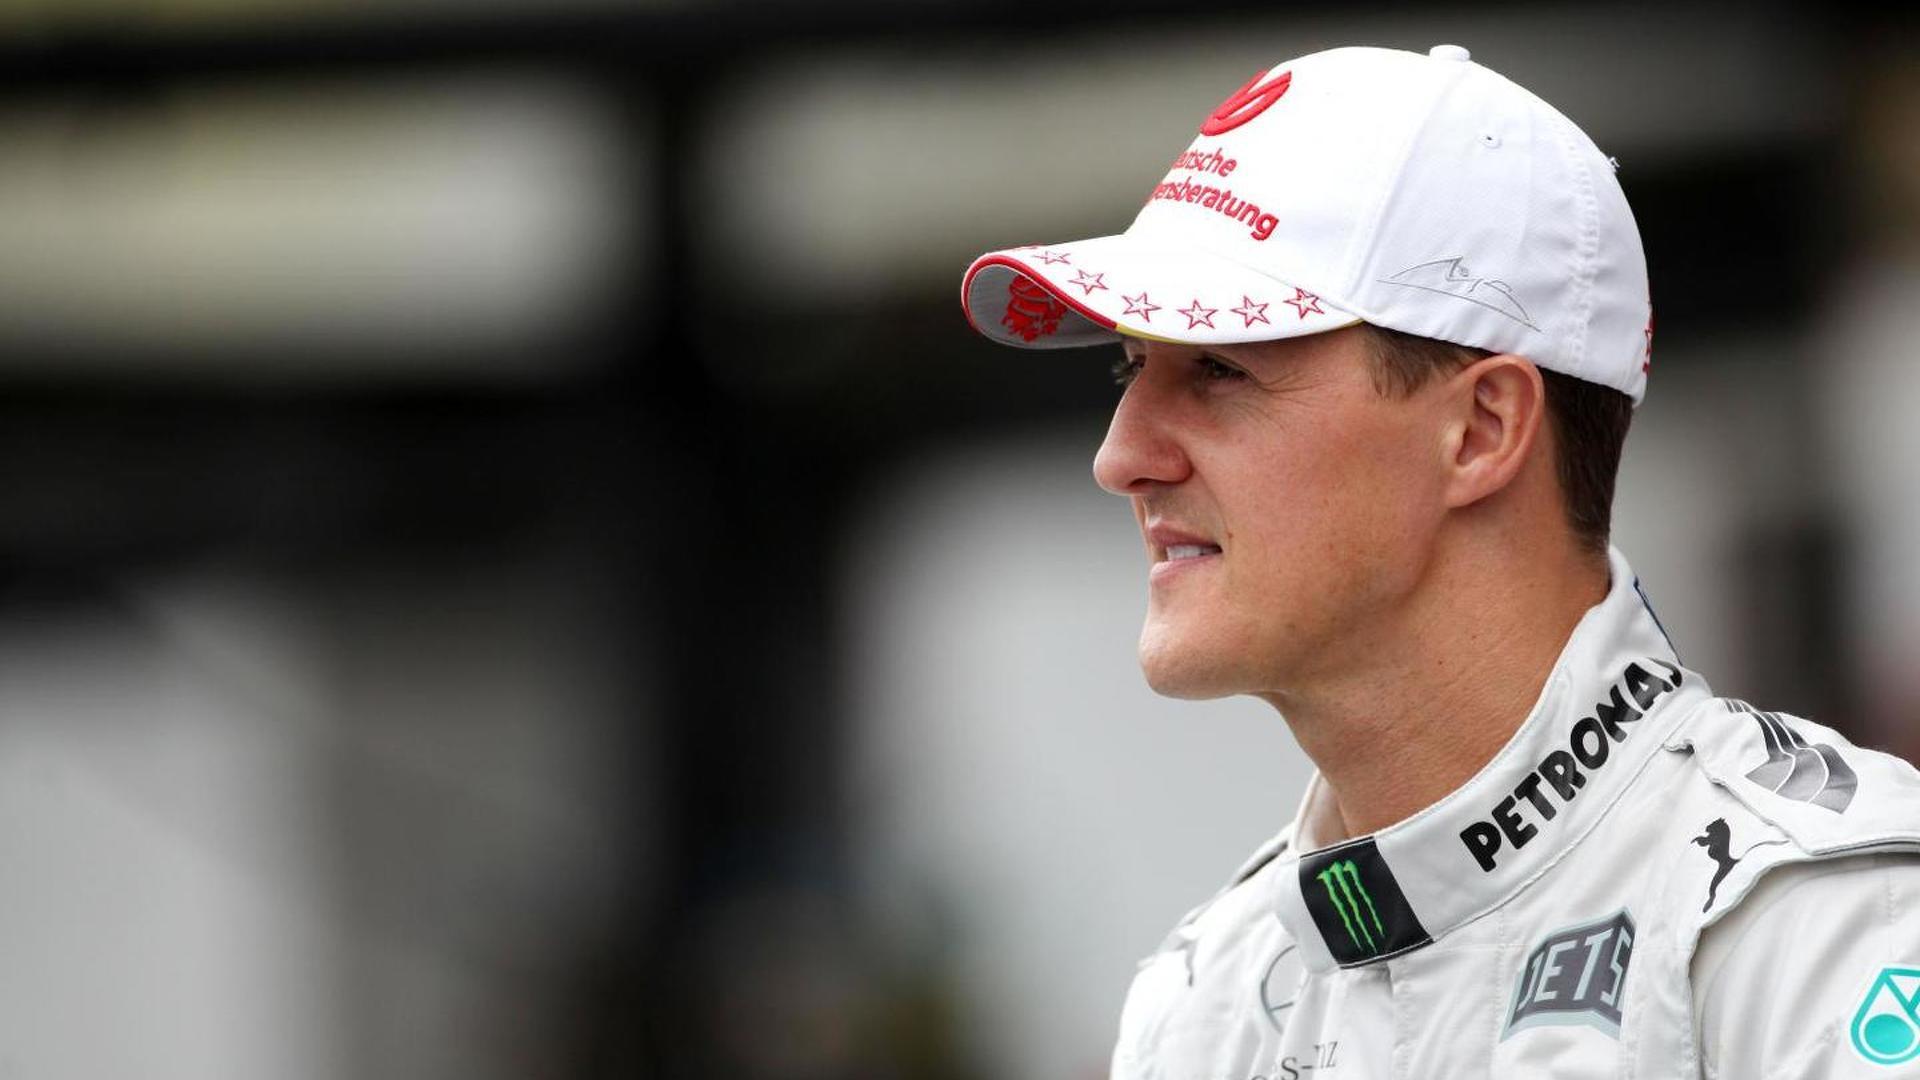 Zanardi looks forward to Schumacher recovery